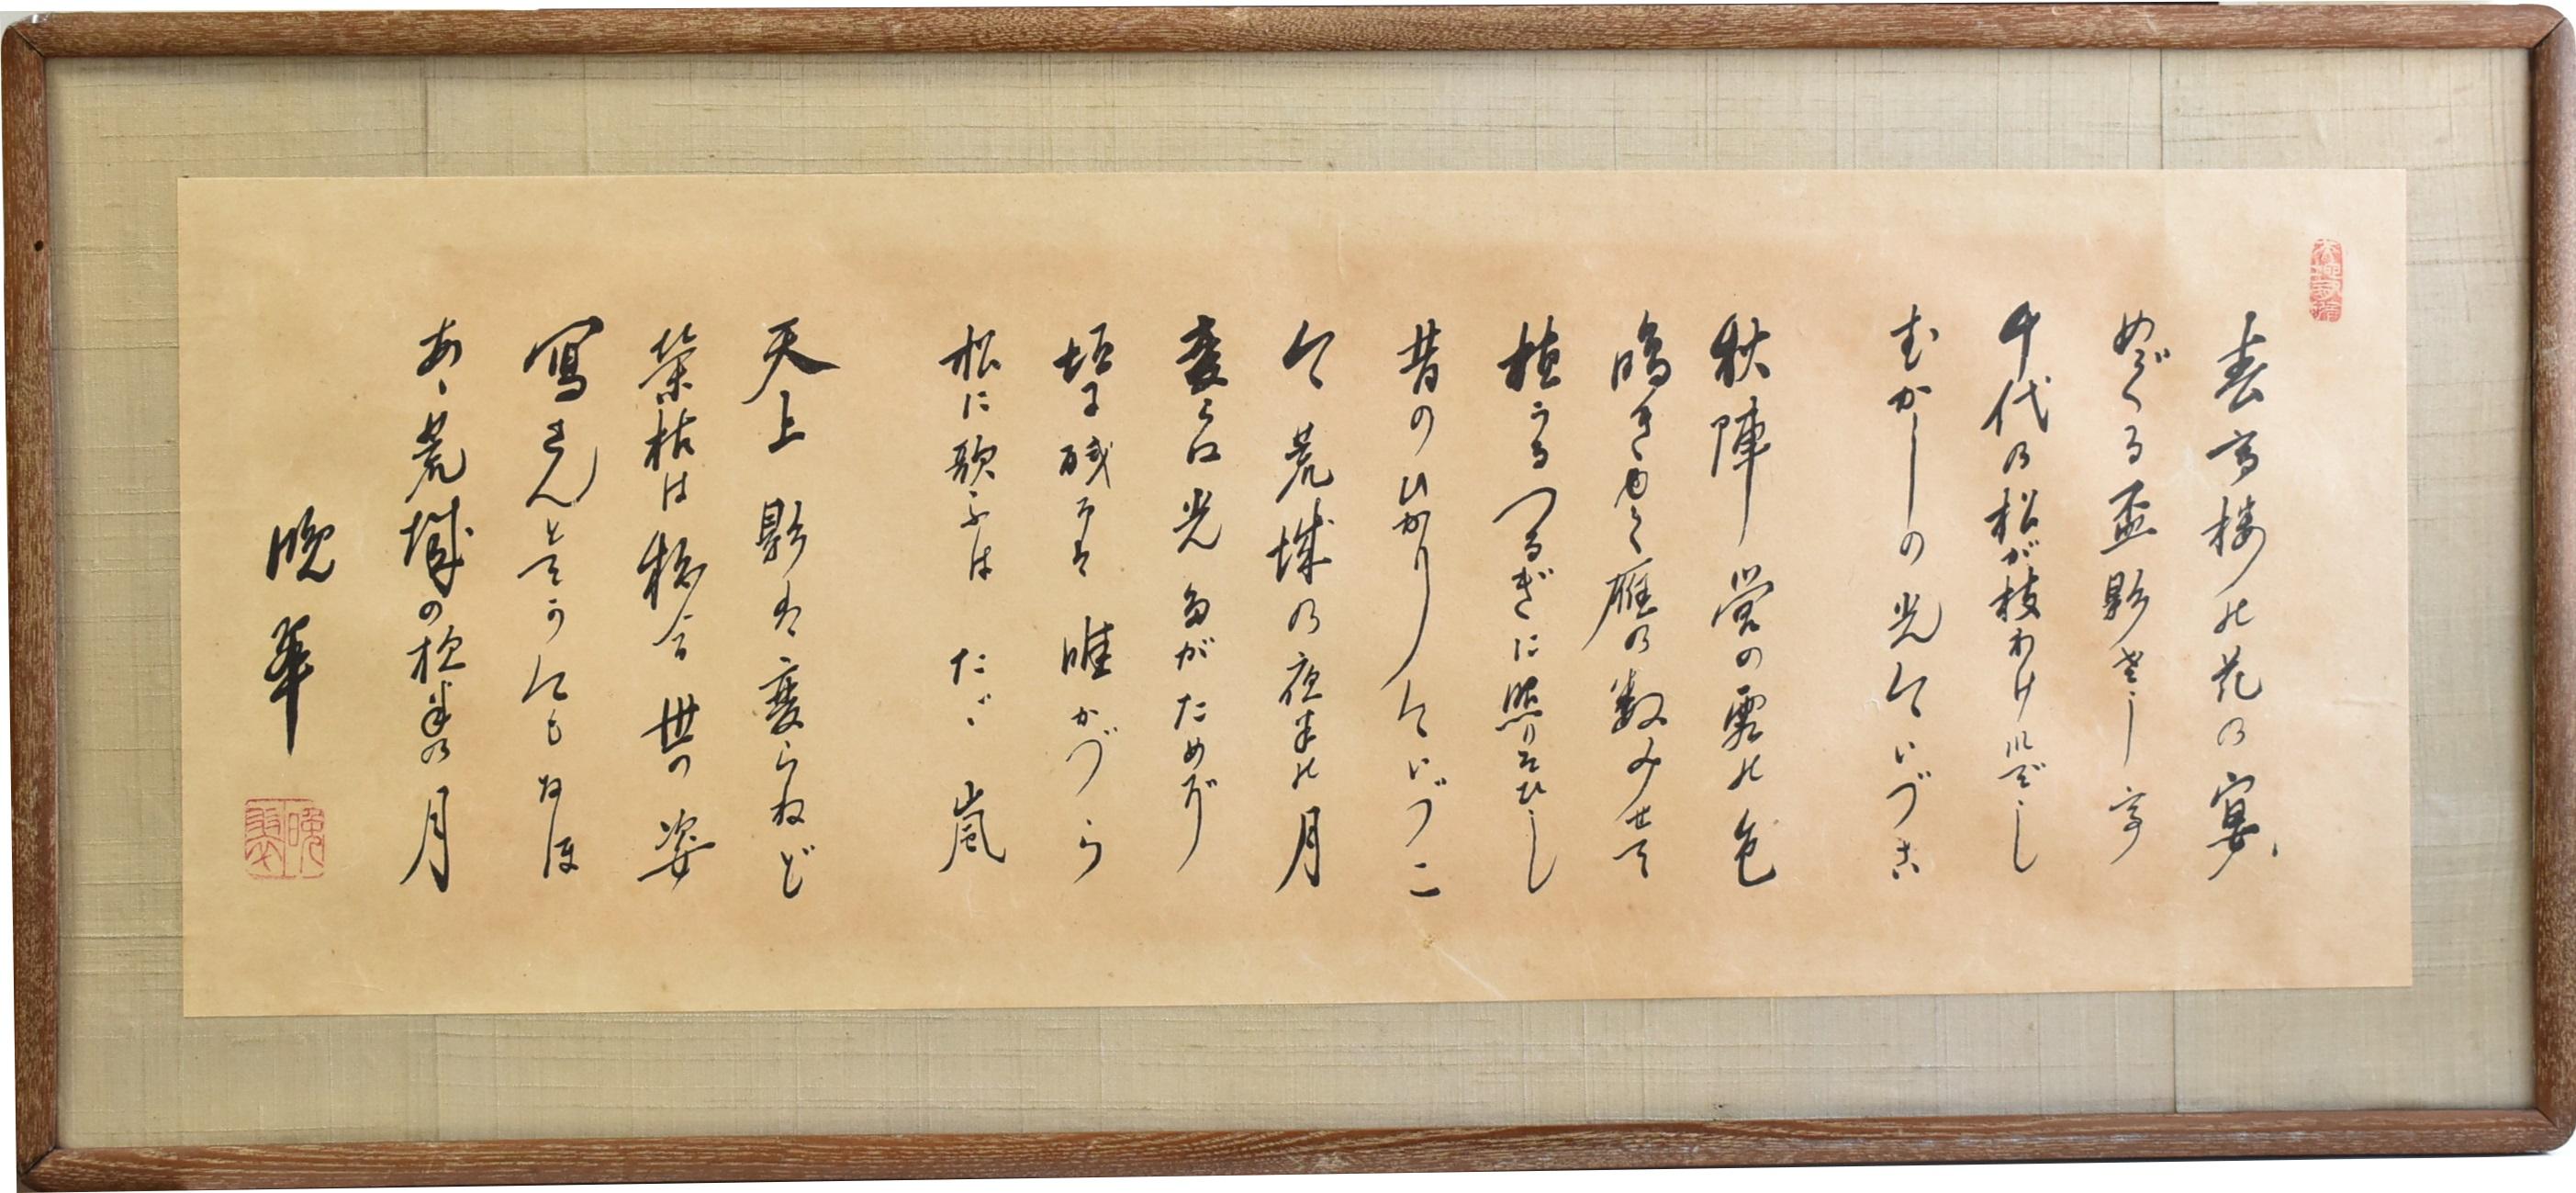 土井晩翠【どいばんすい】の鑑定・査定・買取をいたします。中部地方を ...